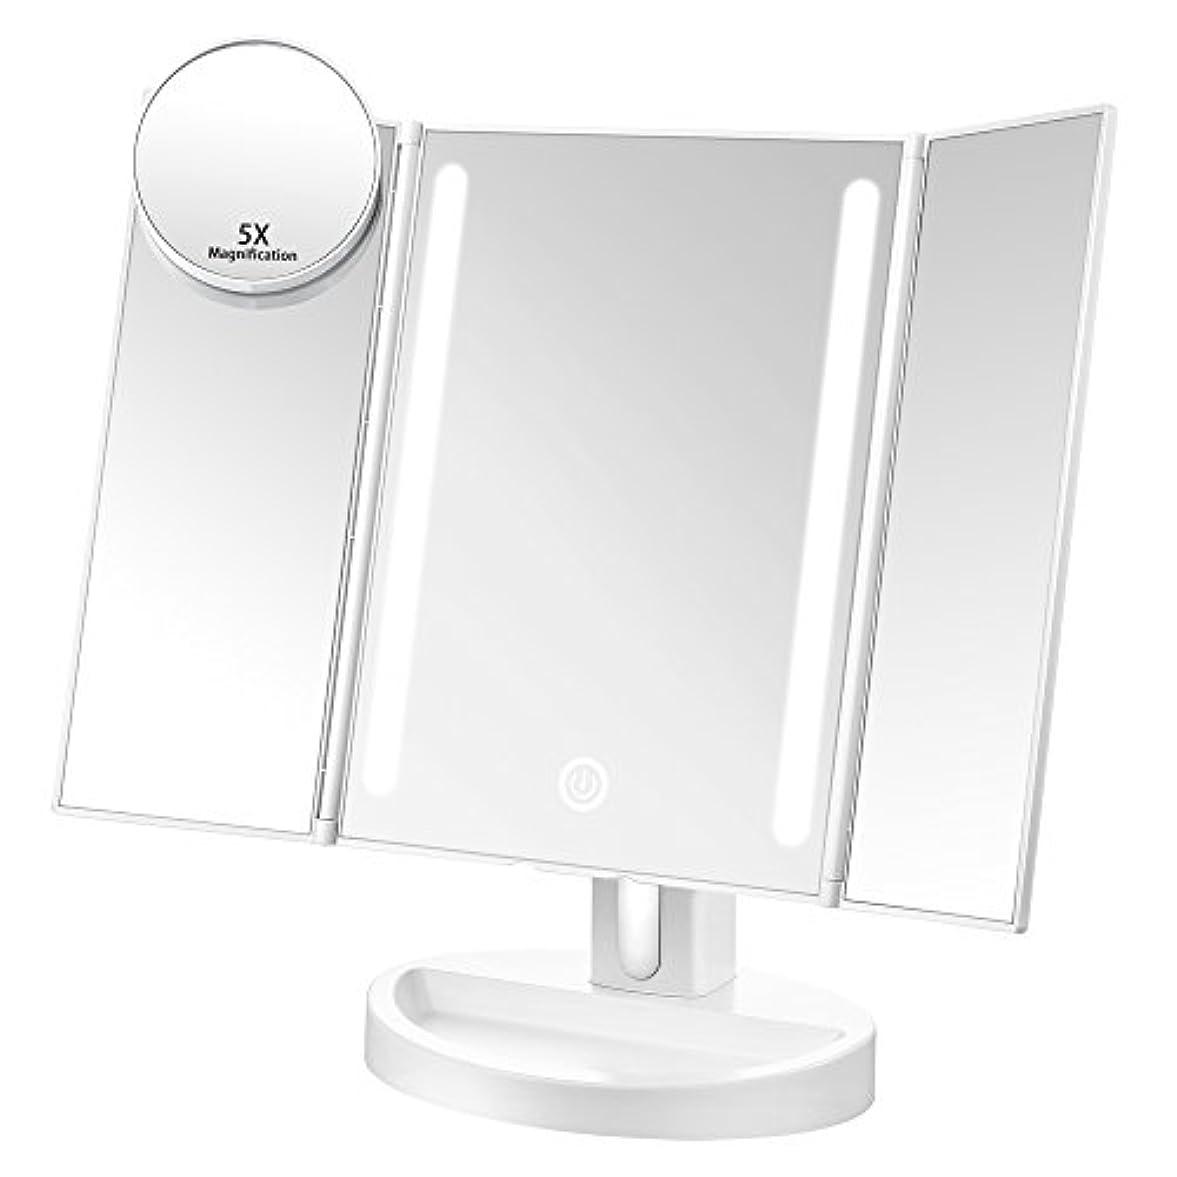 分析的な伴う王子Jerrybox 三面鏡 卓上 鏡 ミラー 化粧鏡 LEDミラー 5倍拡大鏡付き 明るさ調節可能 角度調整対応 BM-1631 (1631)